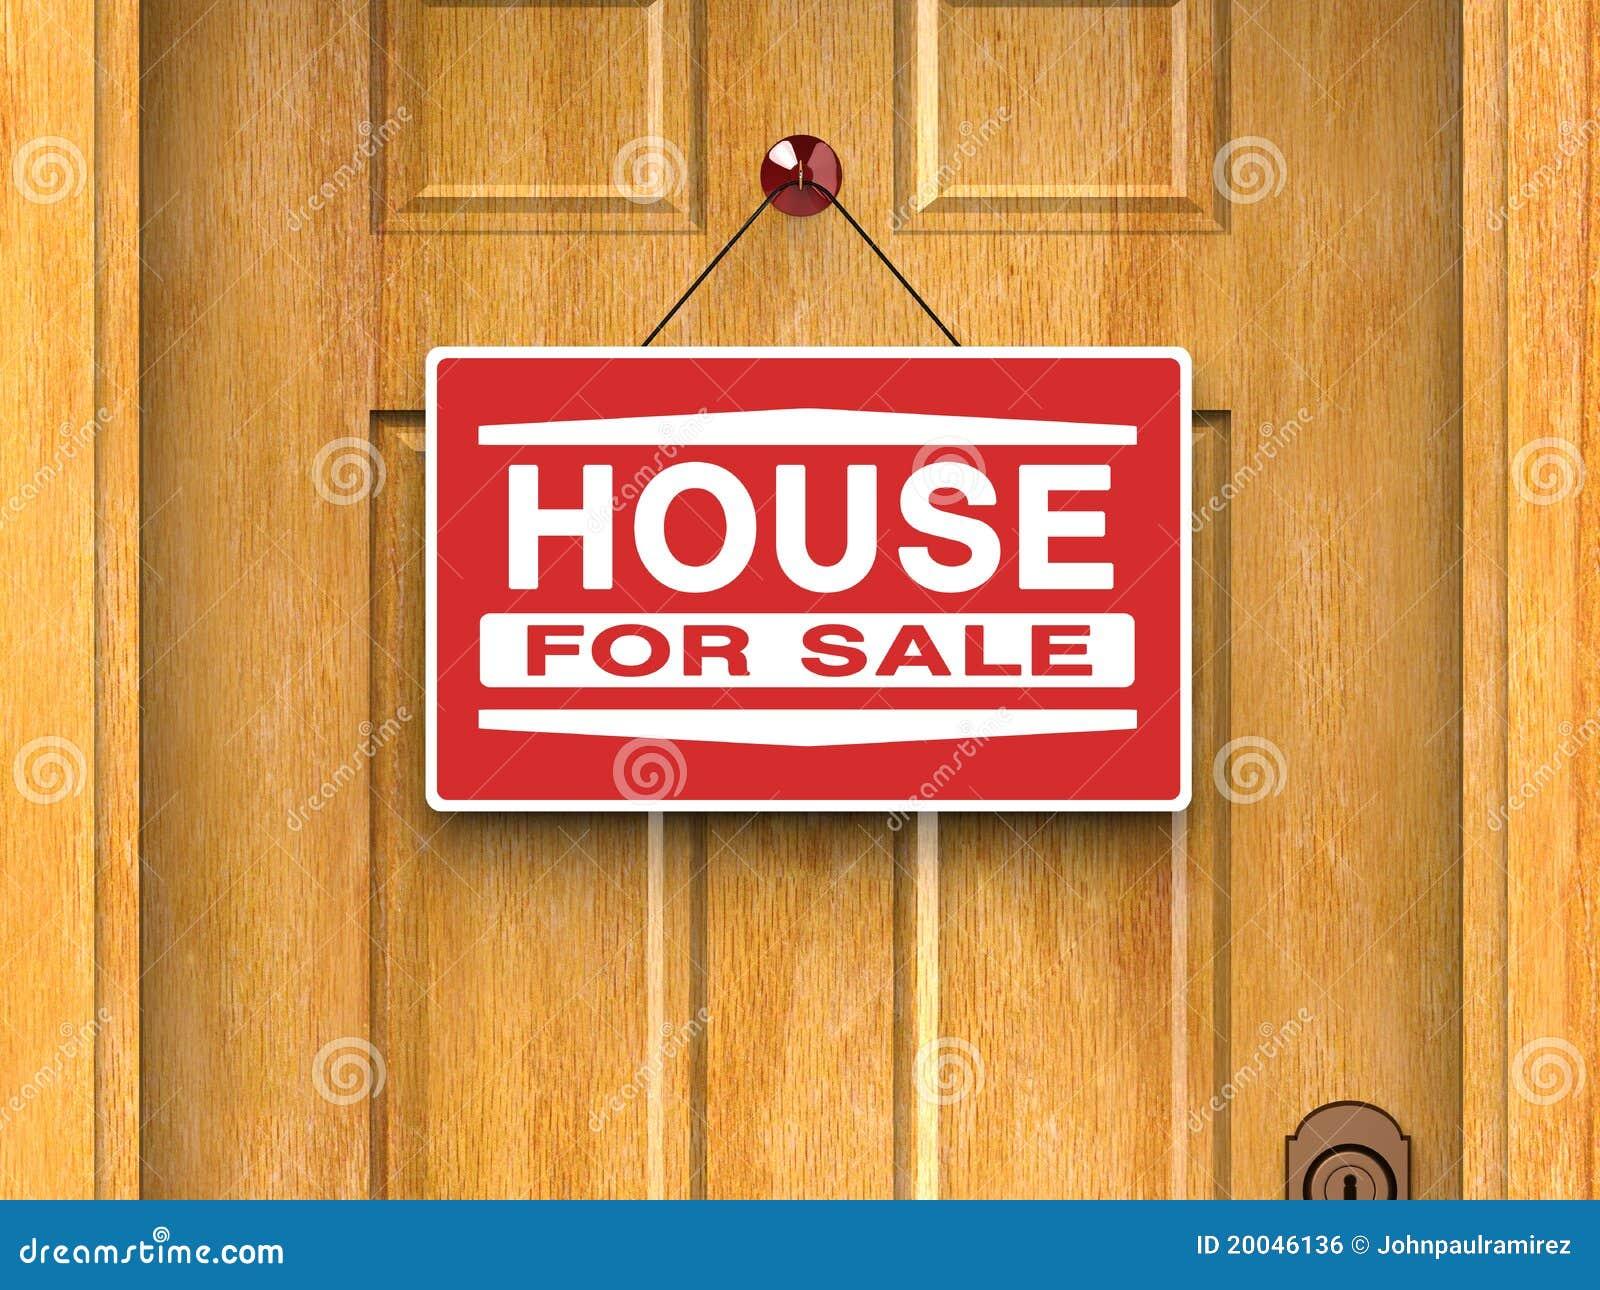 Huis voor onroerende goederen verkoop huis deur stock for Huis aantrekkelijk maken voor verkoop